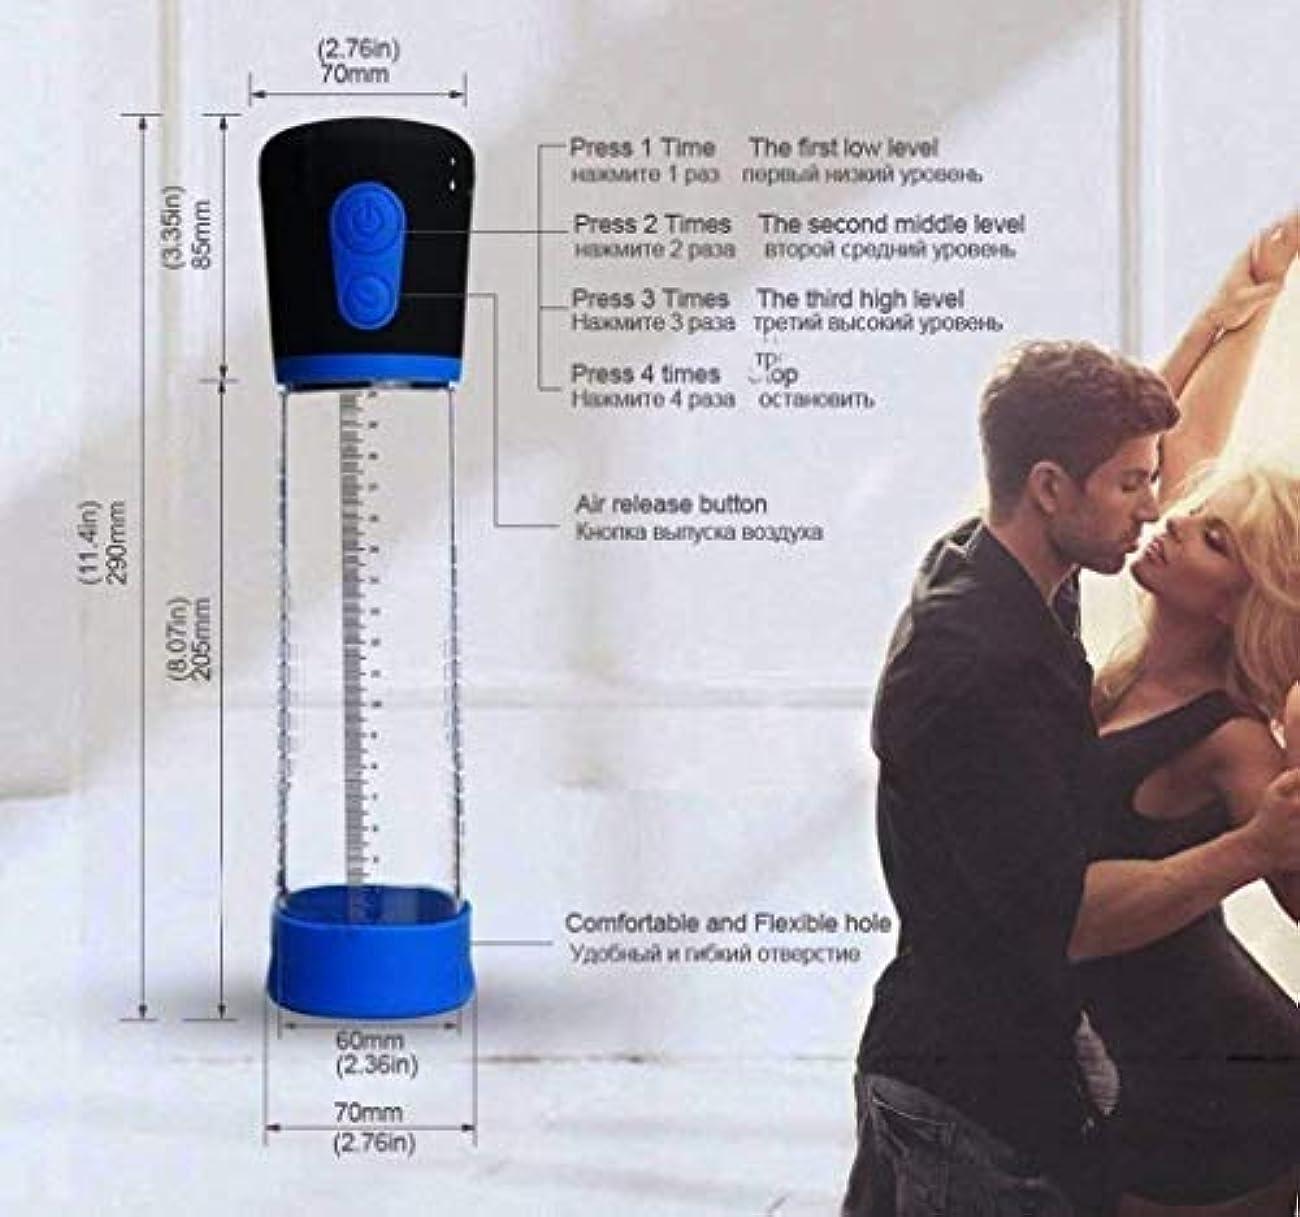 電球打倒家族あなたの最良の選択 拡張エンハンサーPénisgrowthポンプ引伸ポンプペニスエクセメンズディレイトレーナーTシャツ現実的な強ポンプ電動Penǐs